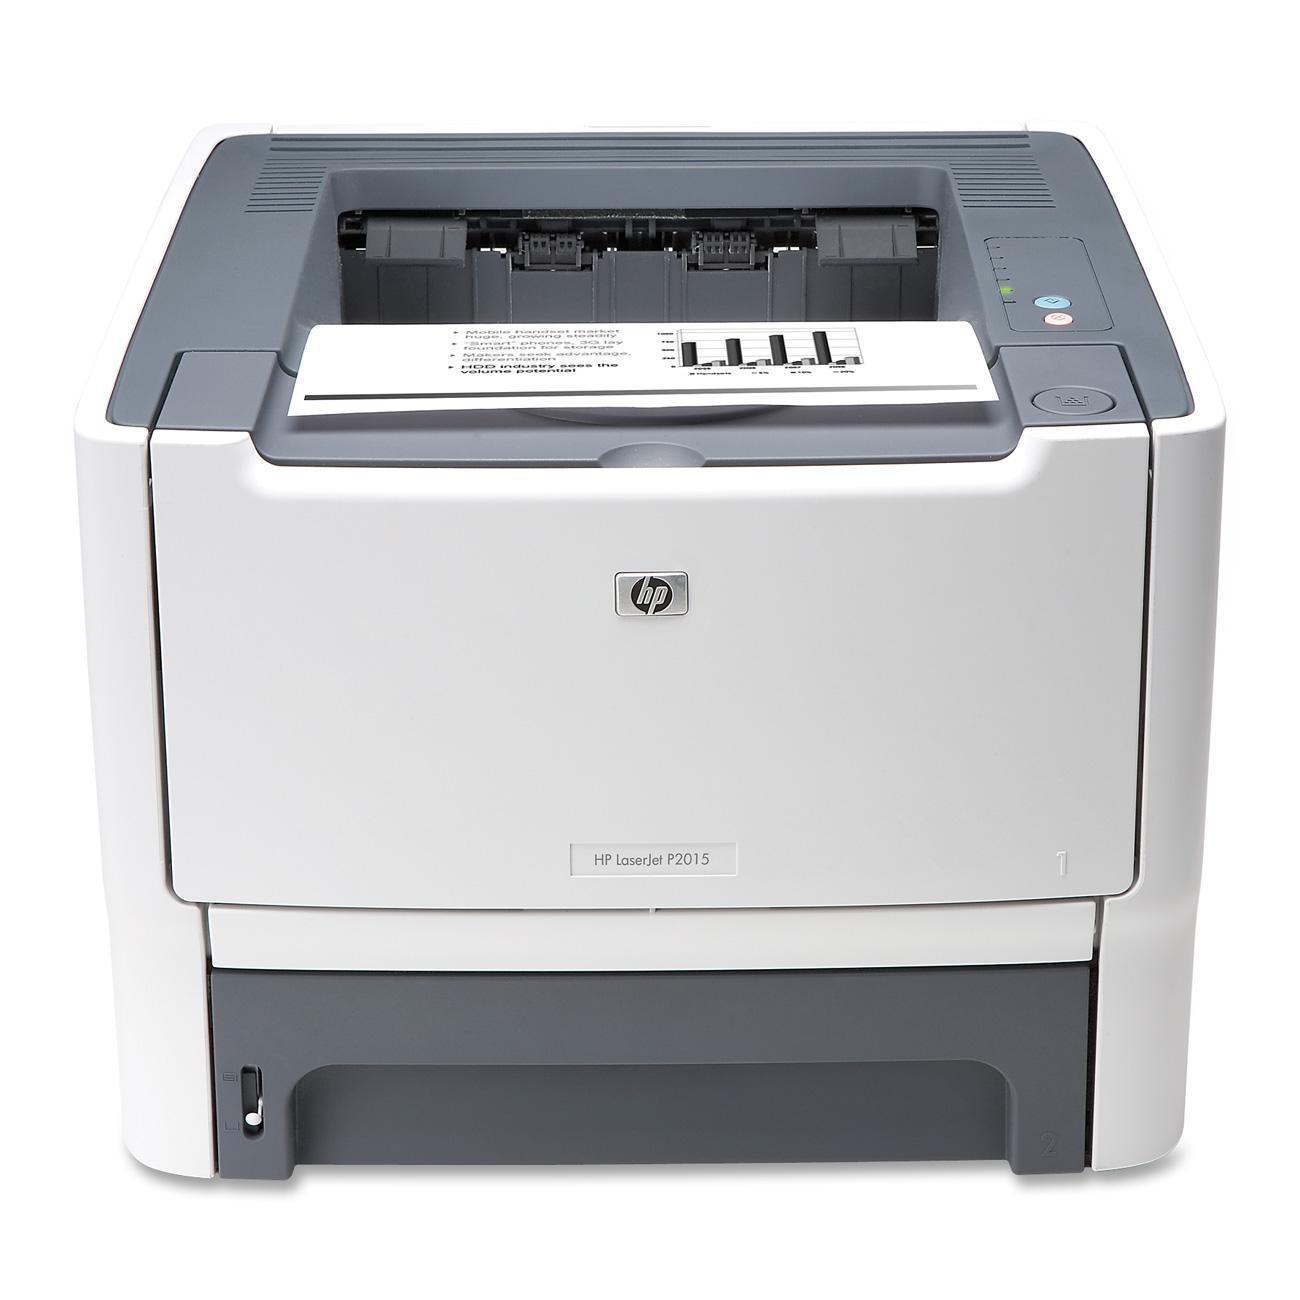 HP LaserJet P2015 B/W Laser Printer 0